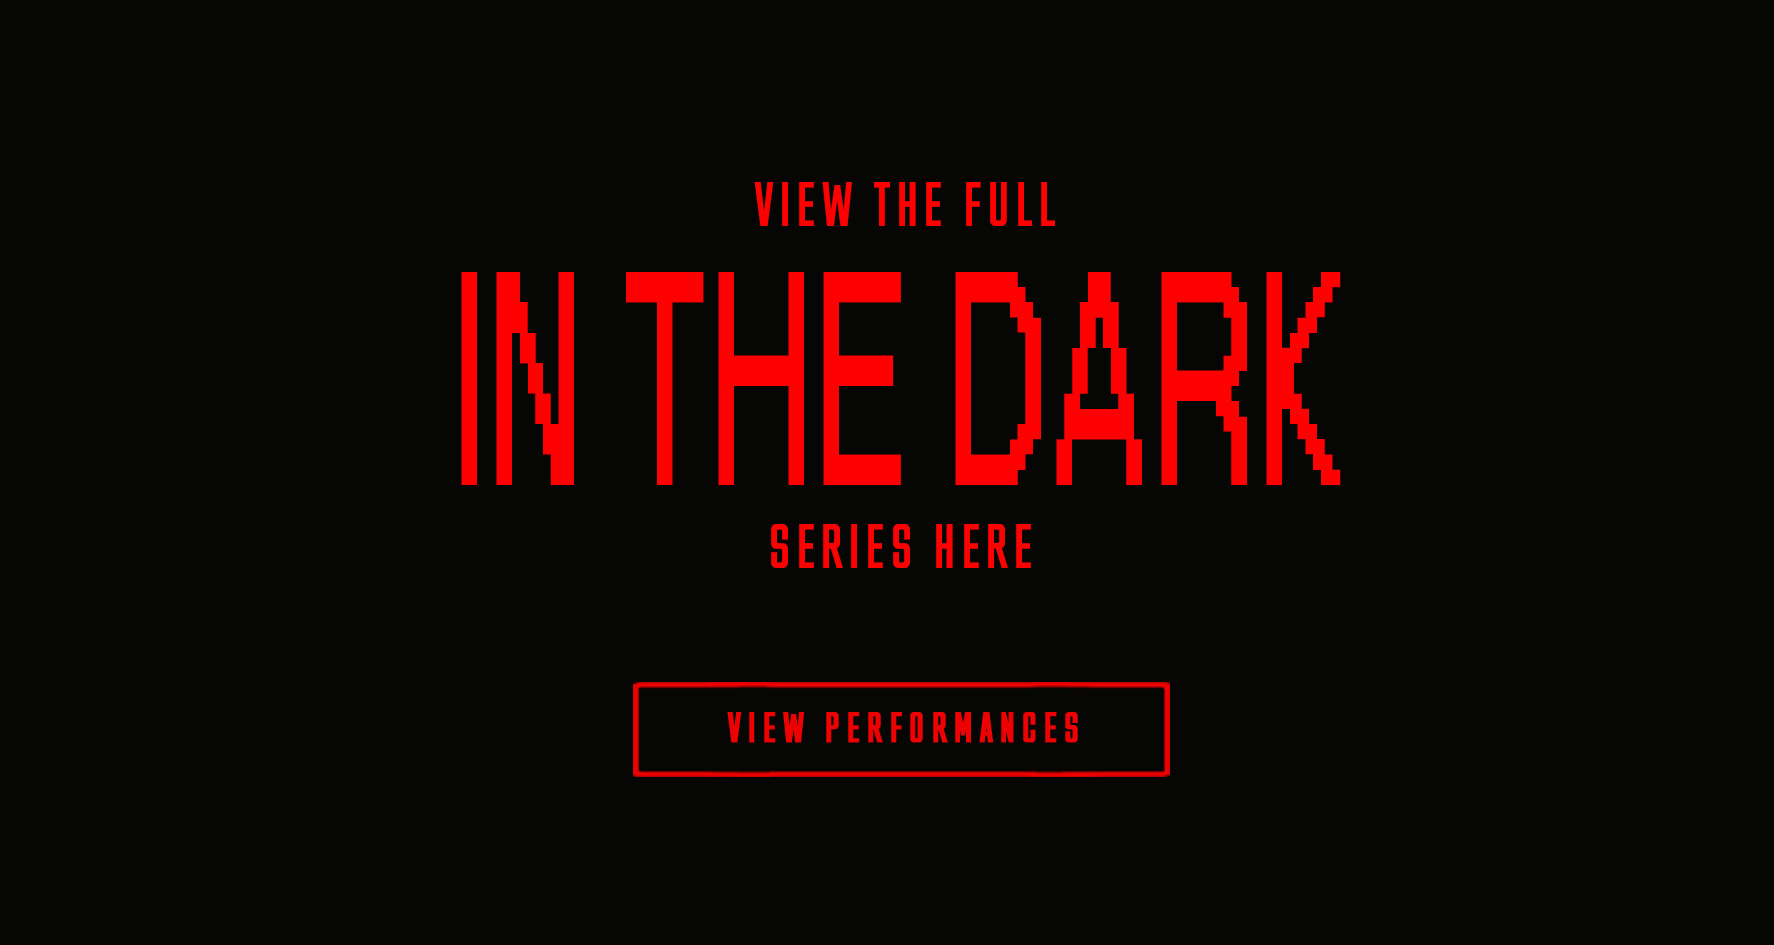 IN THE DARK full Series